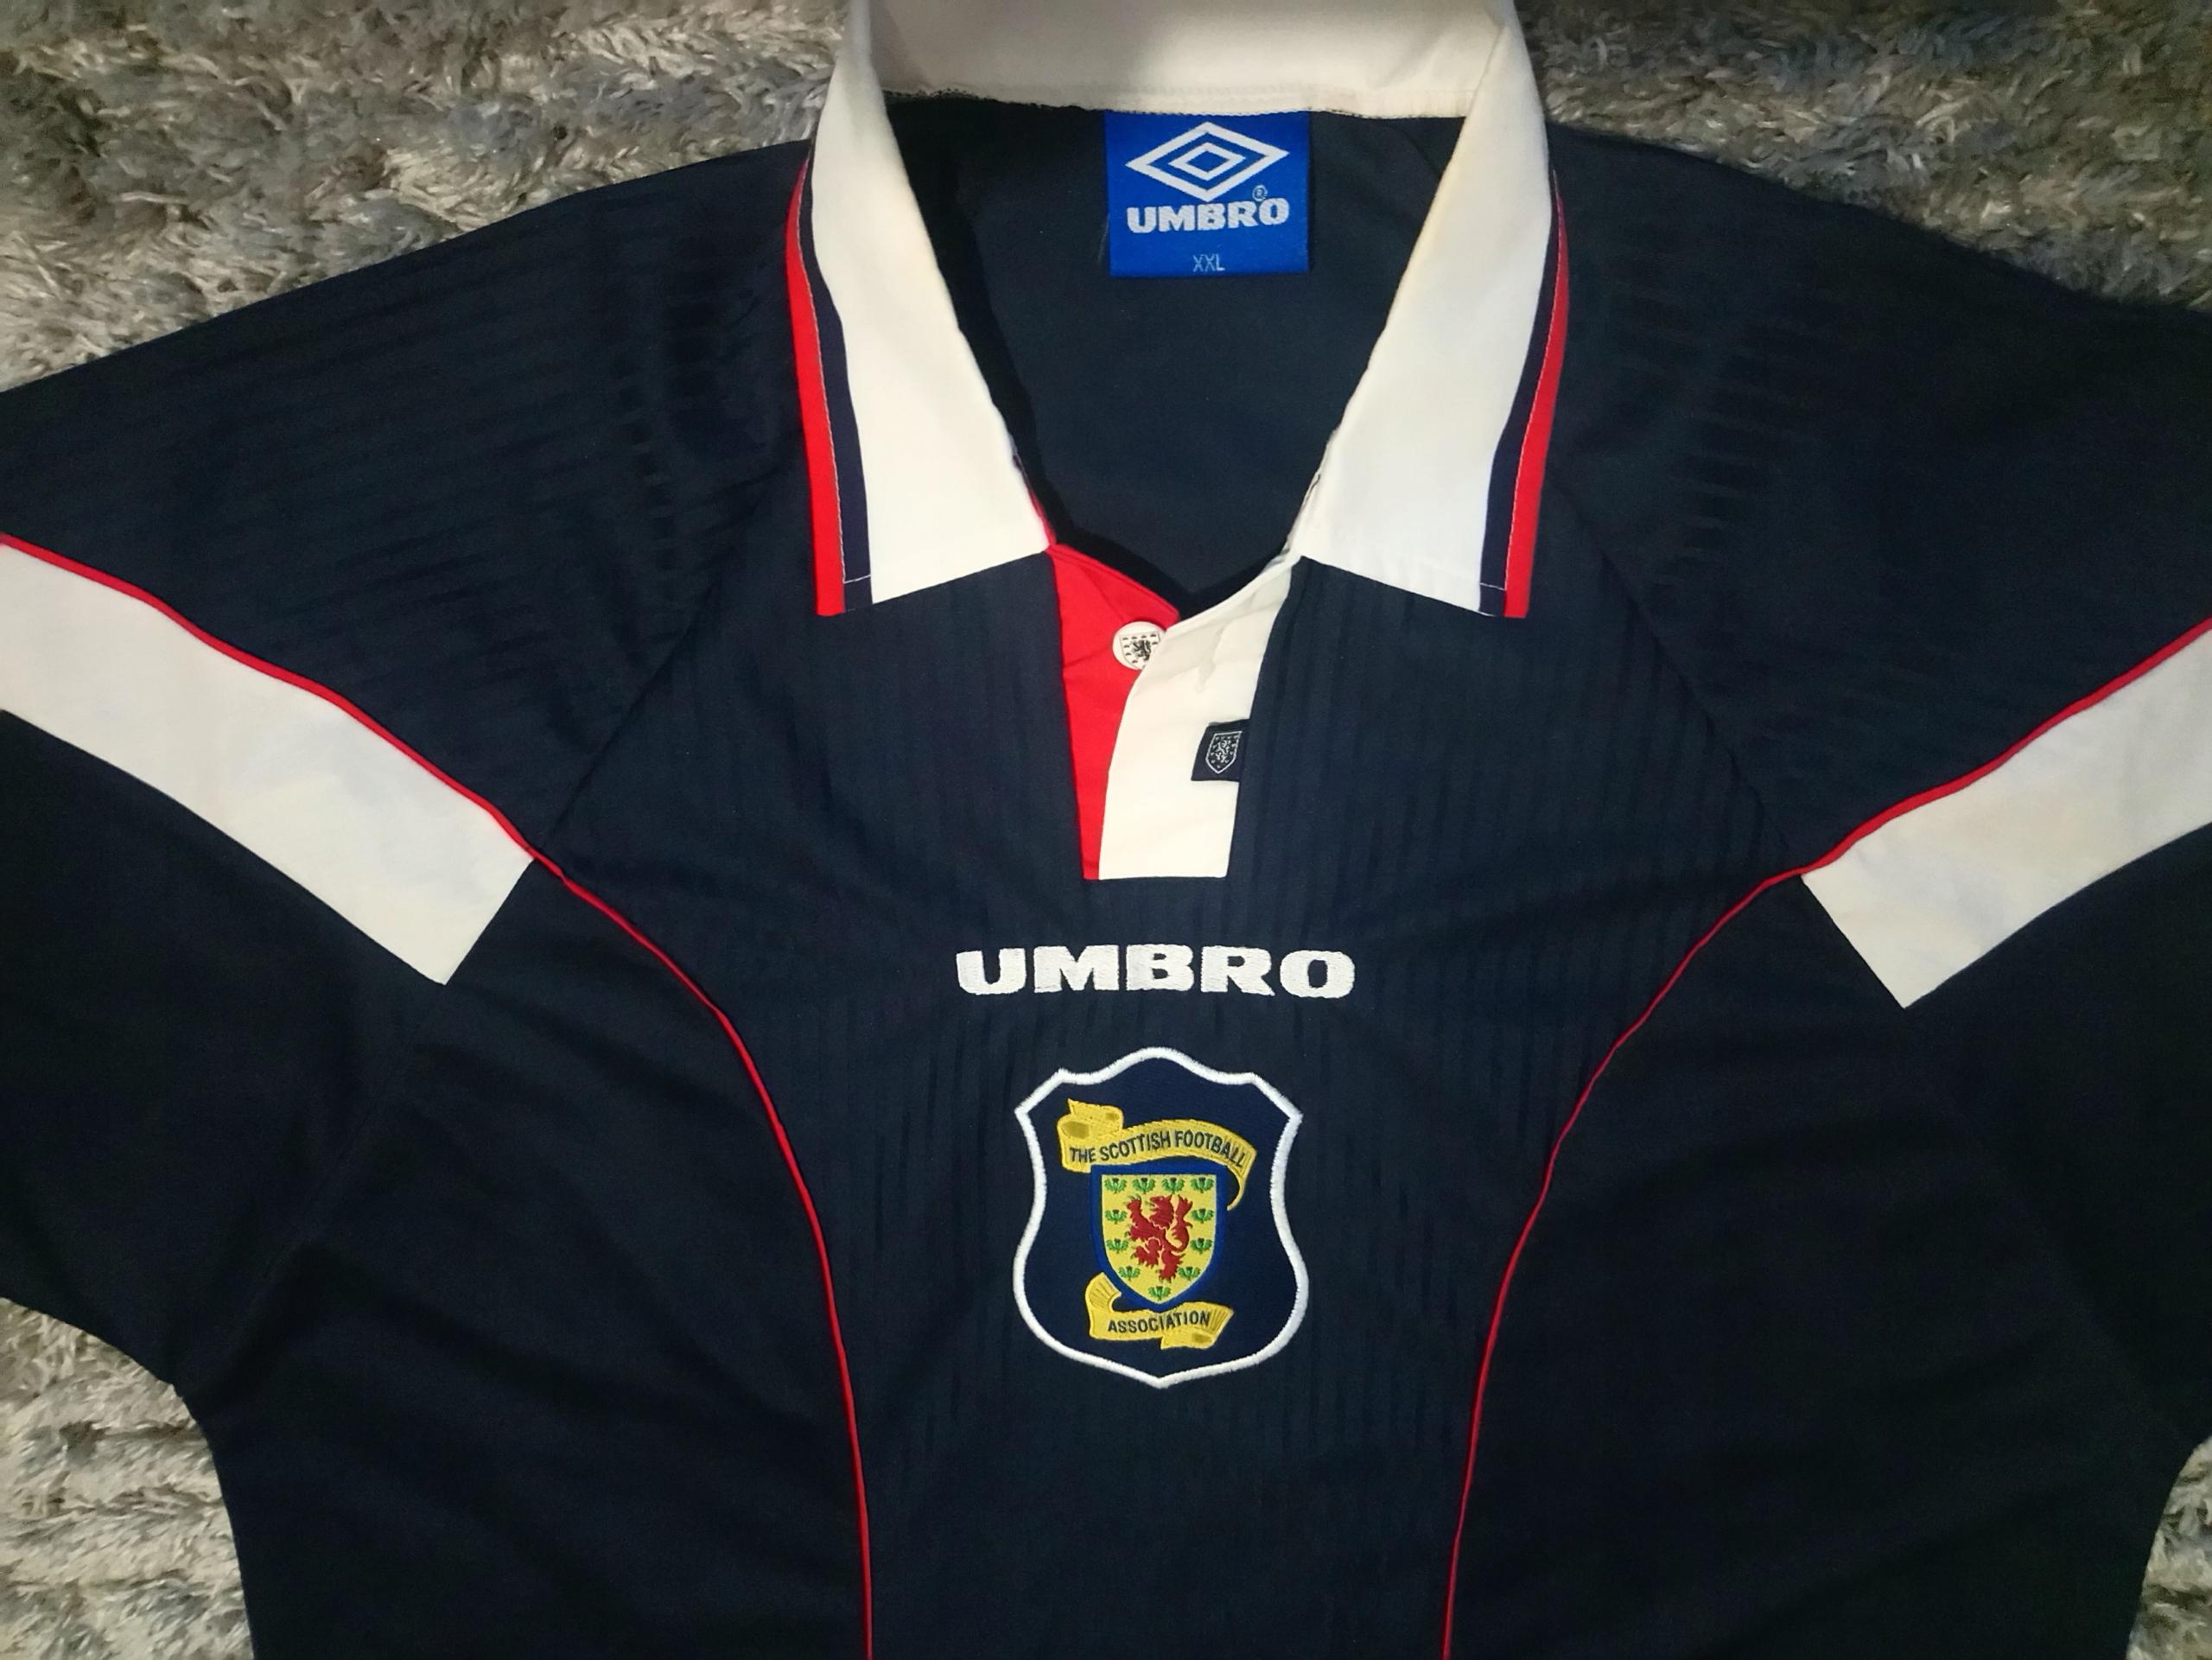 Umbro Szkocja Koszulka Piłkarska IDEAŁ